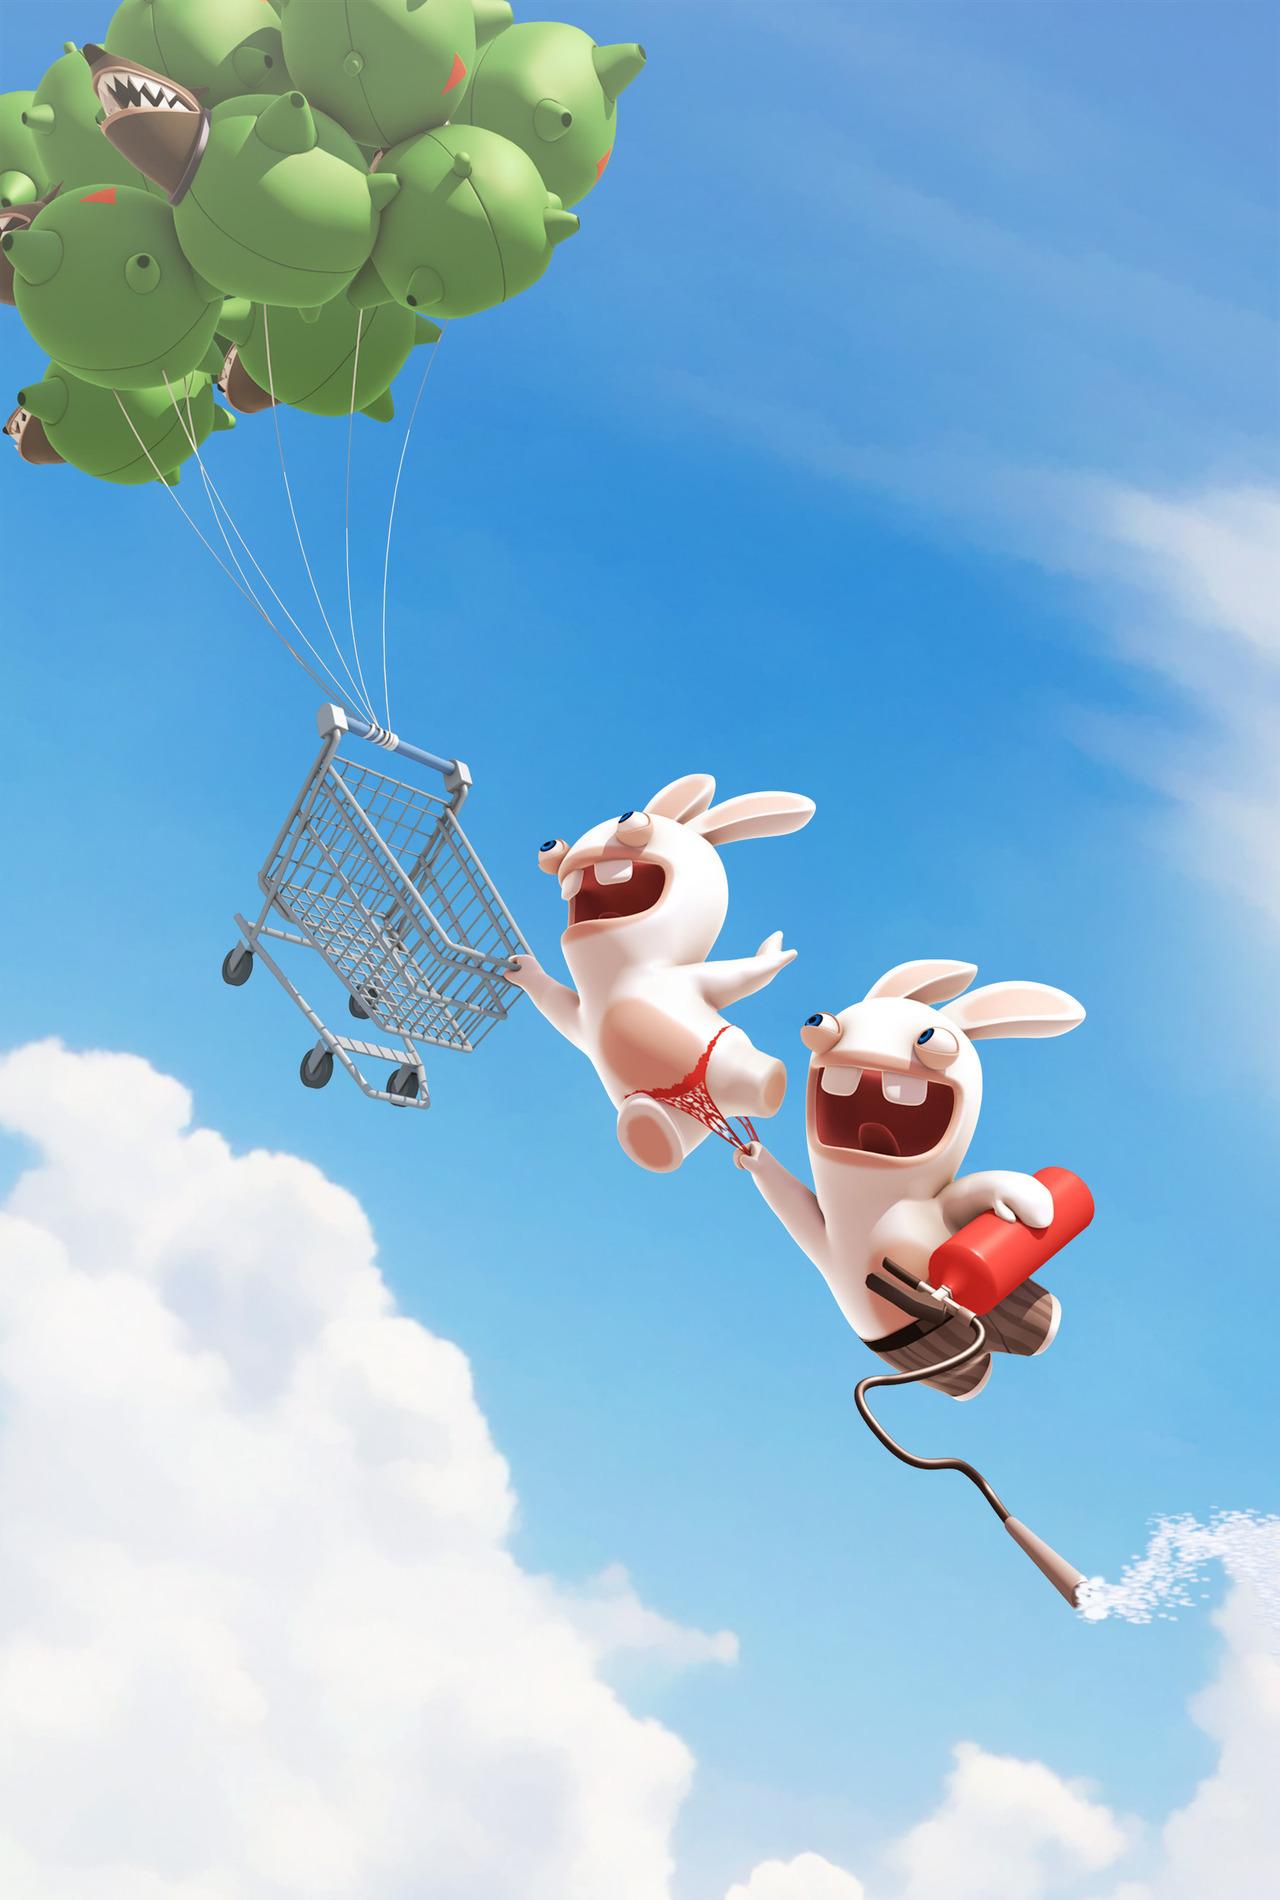 [Pixar] Là-Haut (2009) : topic de pré-sortie - Page 21 The-lapins-cretins-la-grosse-aventure-wii-036